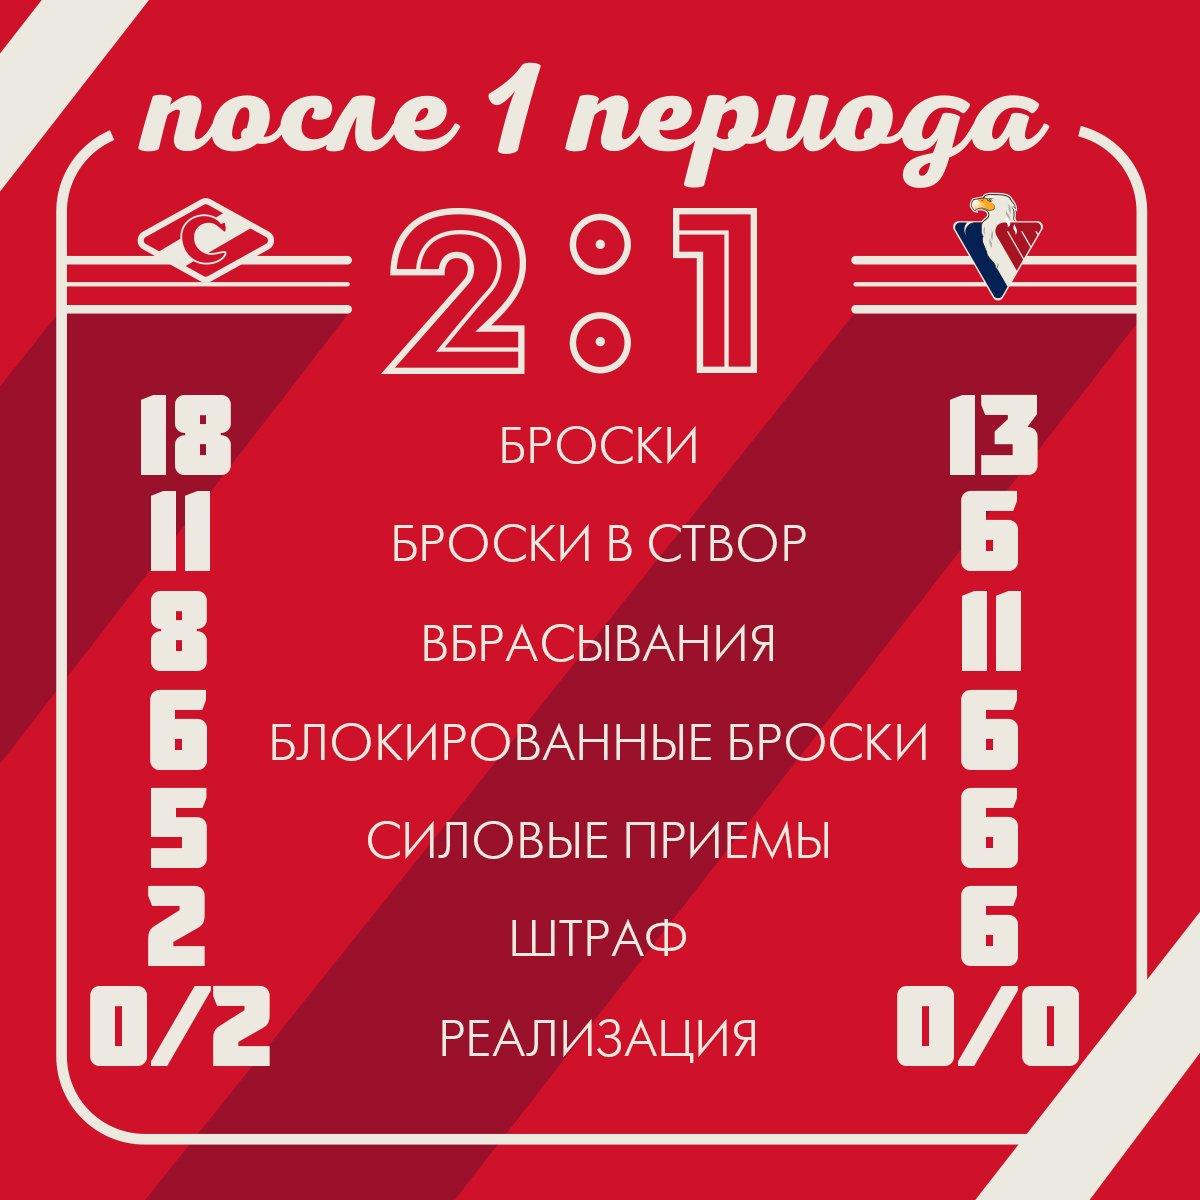 Статистика матча «Спартак» vs «Слован» после 1-го периода